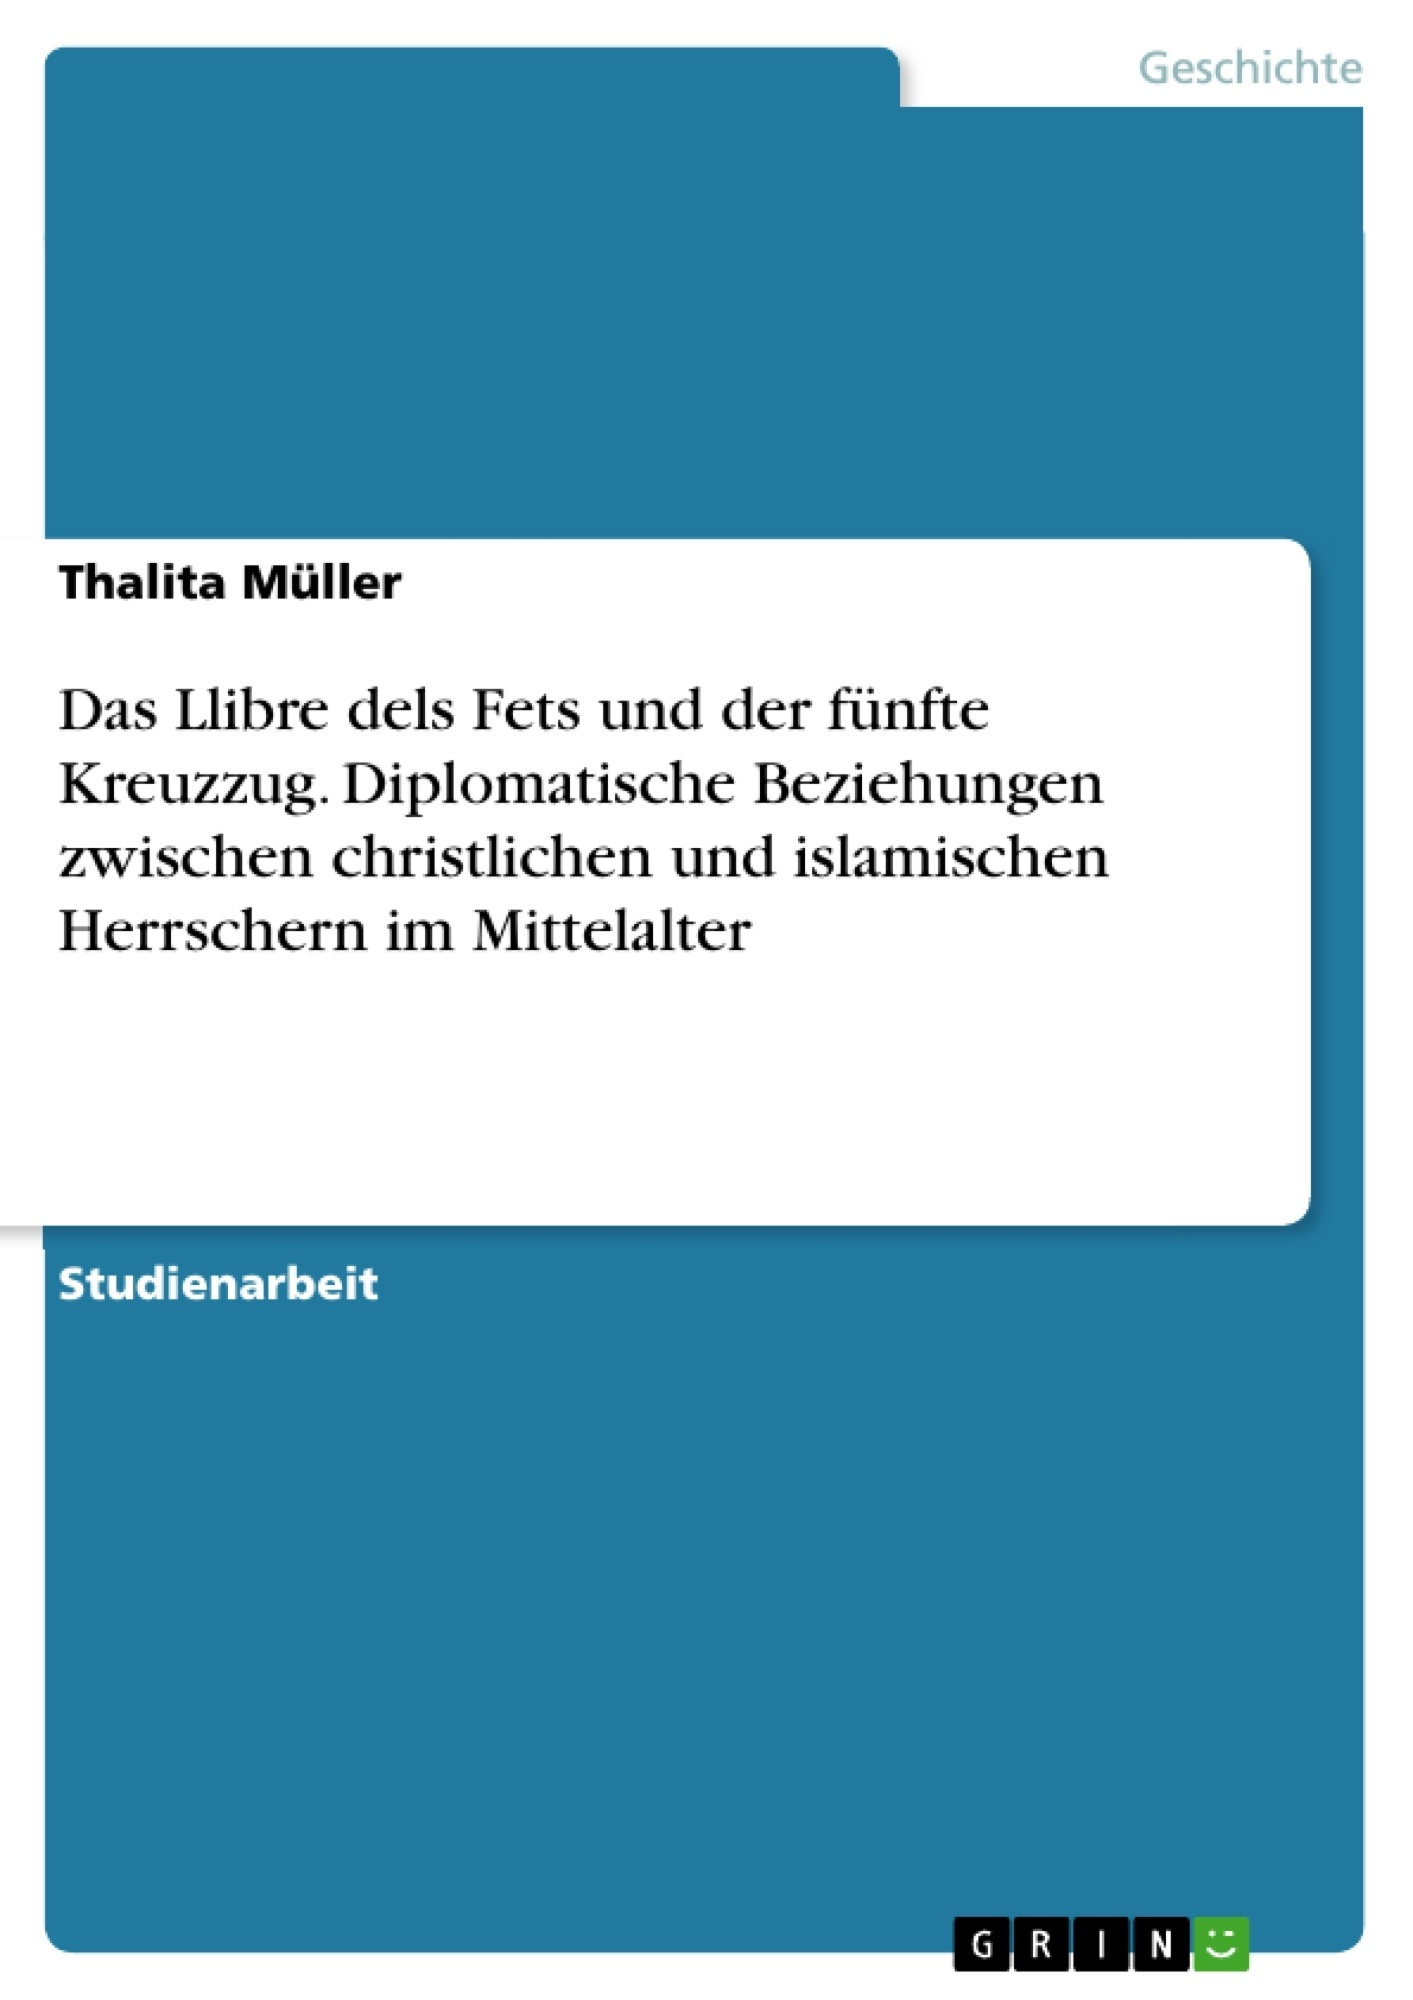 Titel: Das Llibre dels Fets und der fünfte Kreuzzug. Diplomatische Beziehungen zwischen christlichen und islamischen Herrschern im Mittelalter